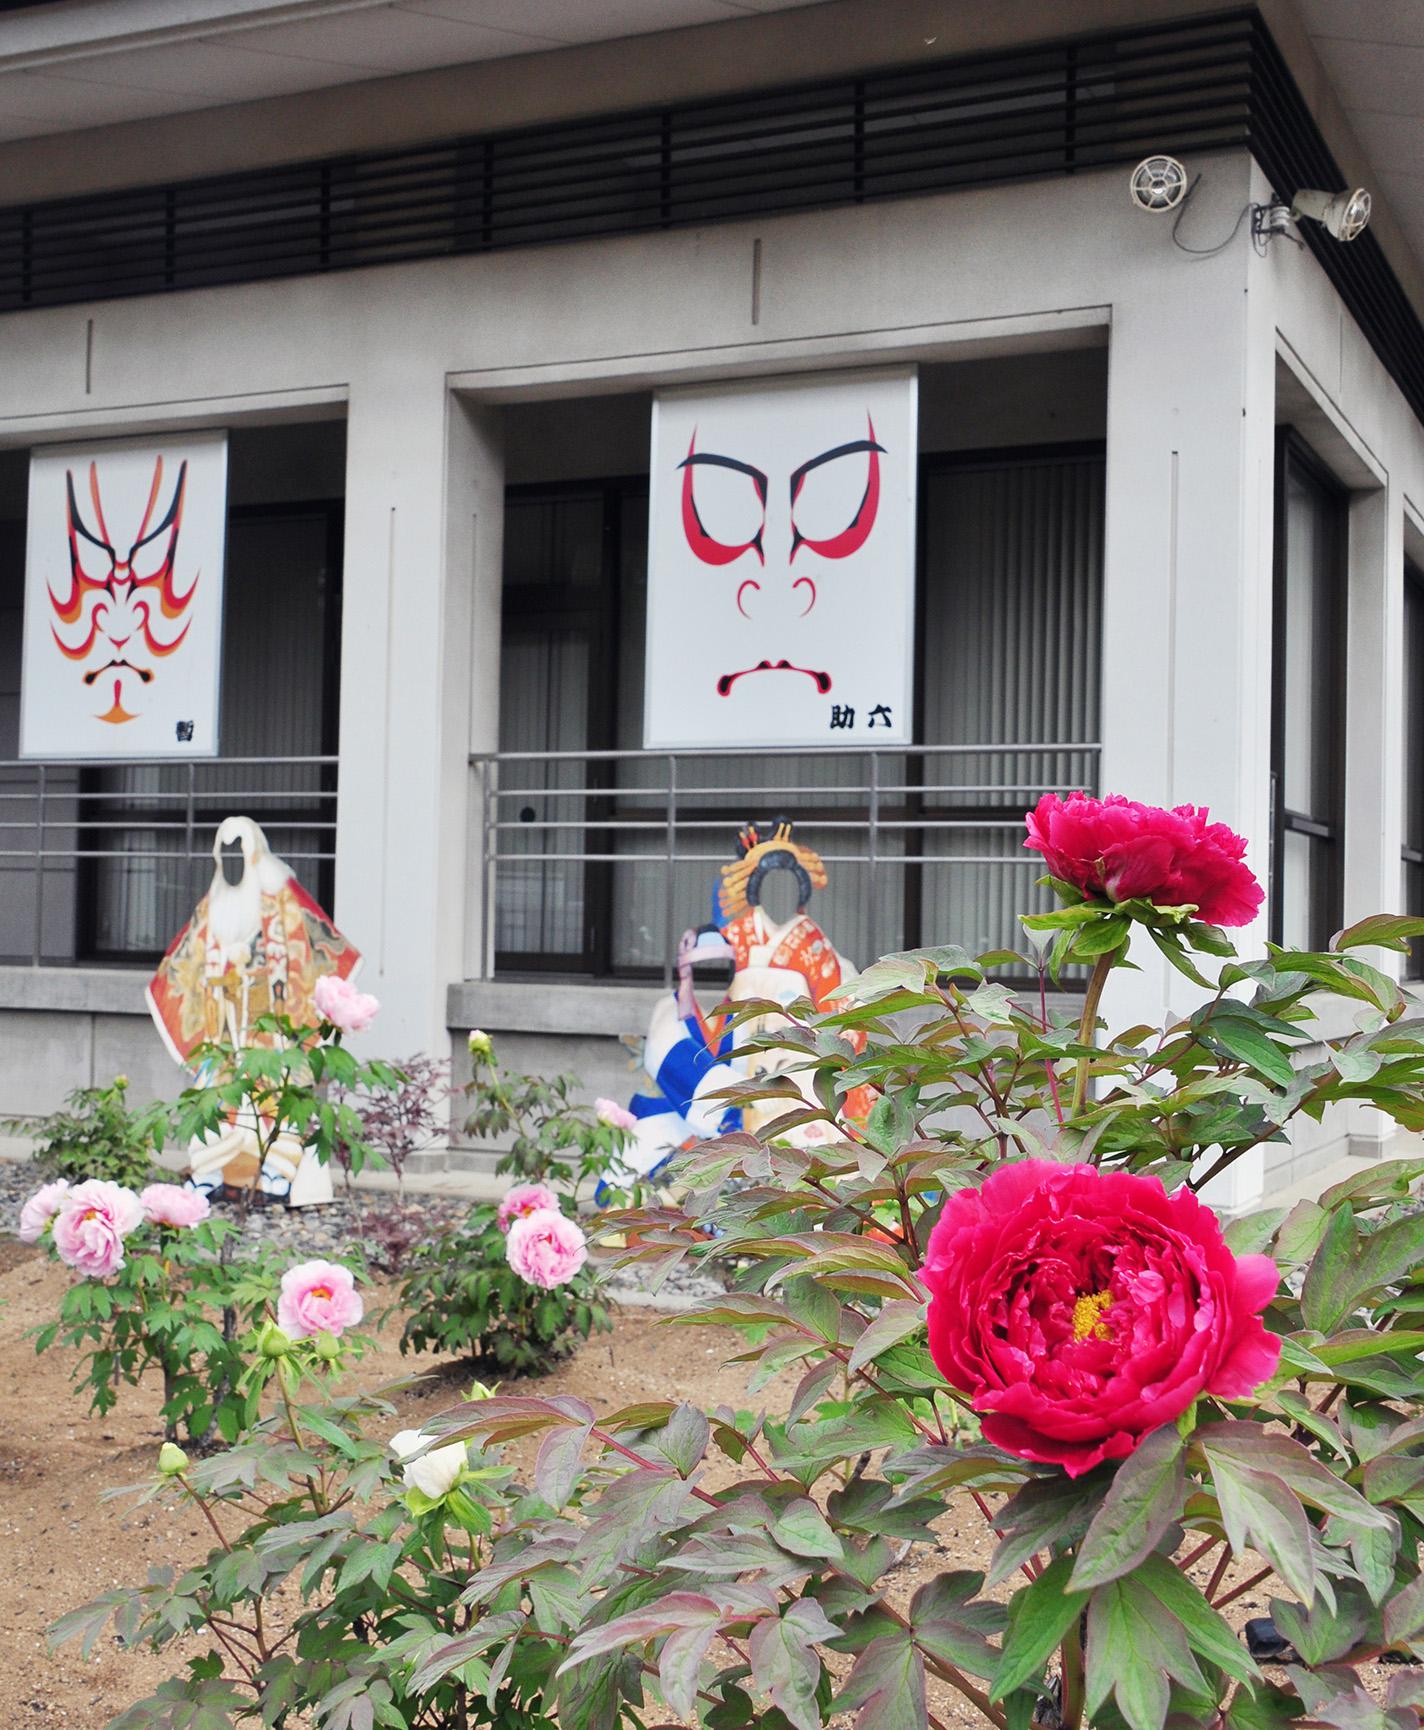 市川三郷町ふるさと春まつり第21回「ぼたんの花まつり」